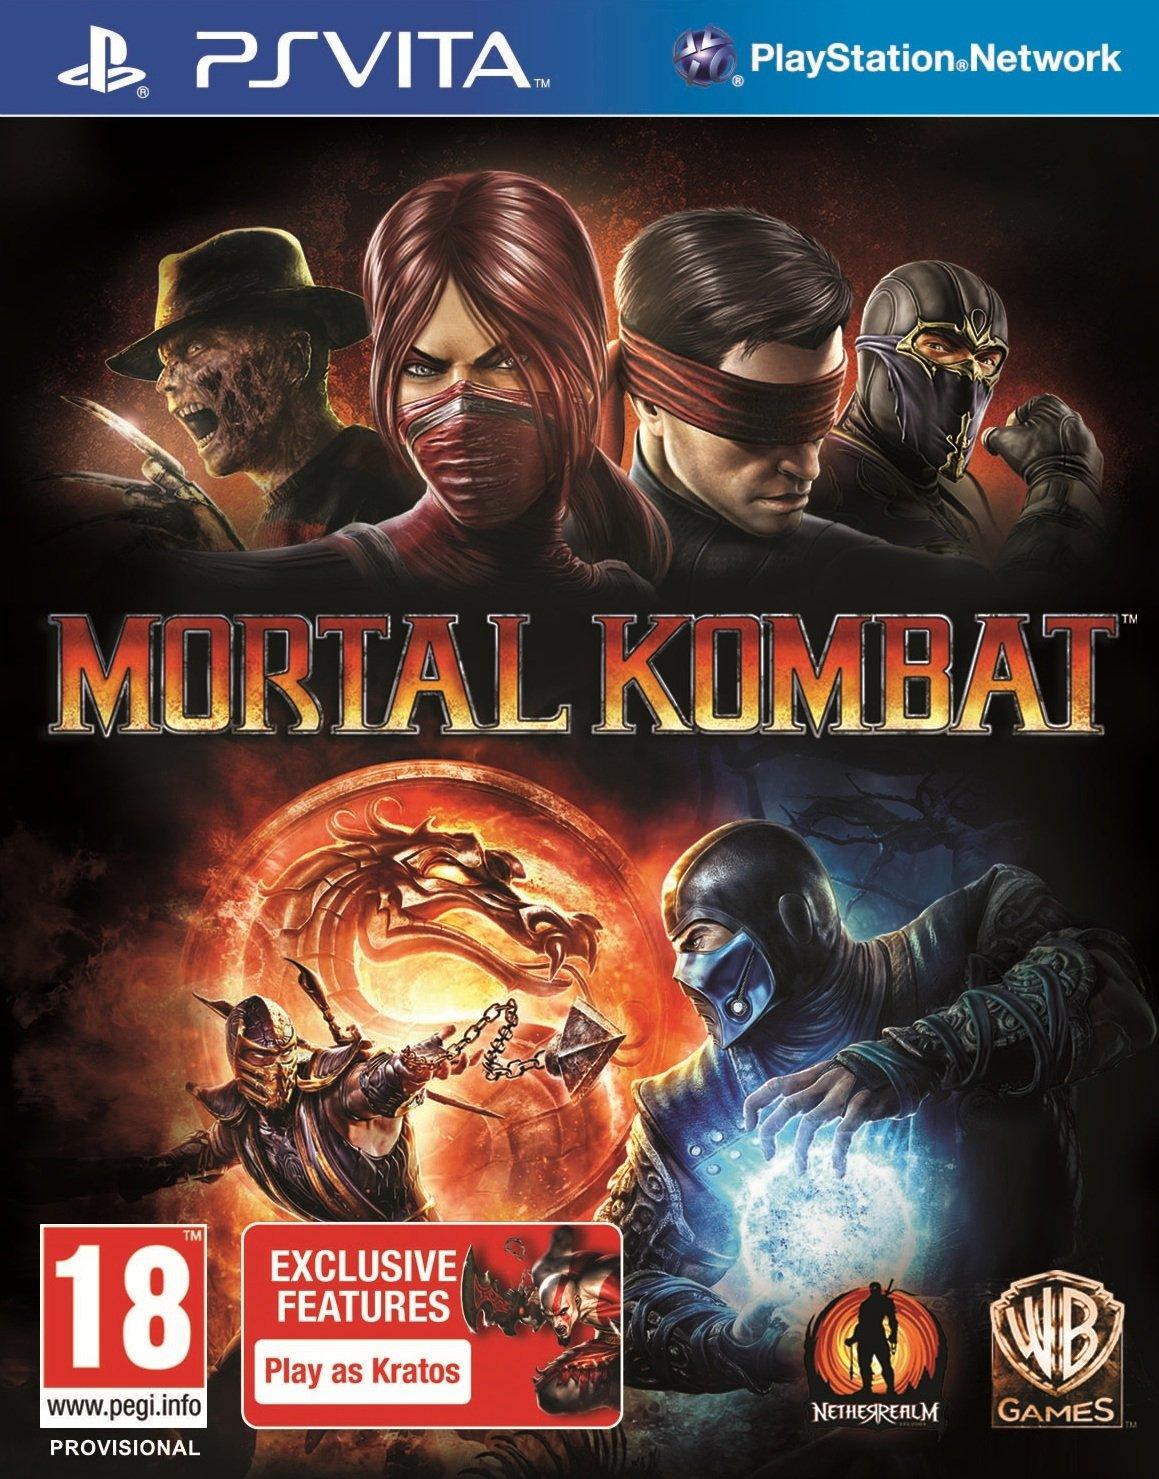 Сегодня состоялся официальный анонс игры из серии Mortal Kombat для новой портативной консоли от Sony, но к сожалени ... - Изображение 1